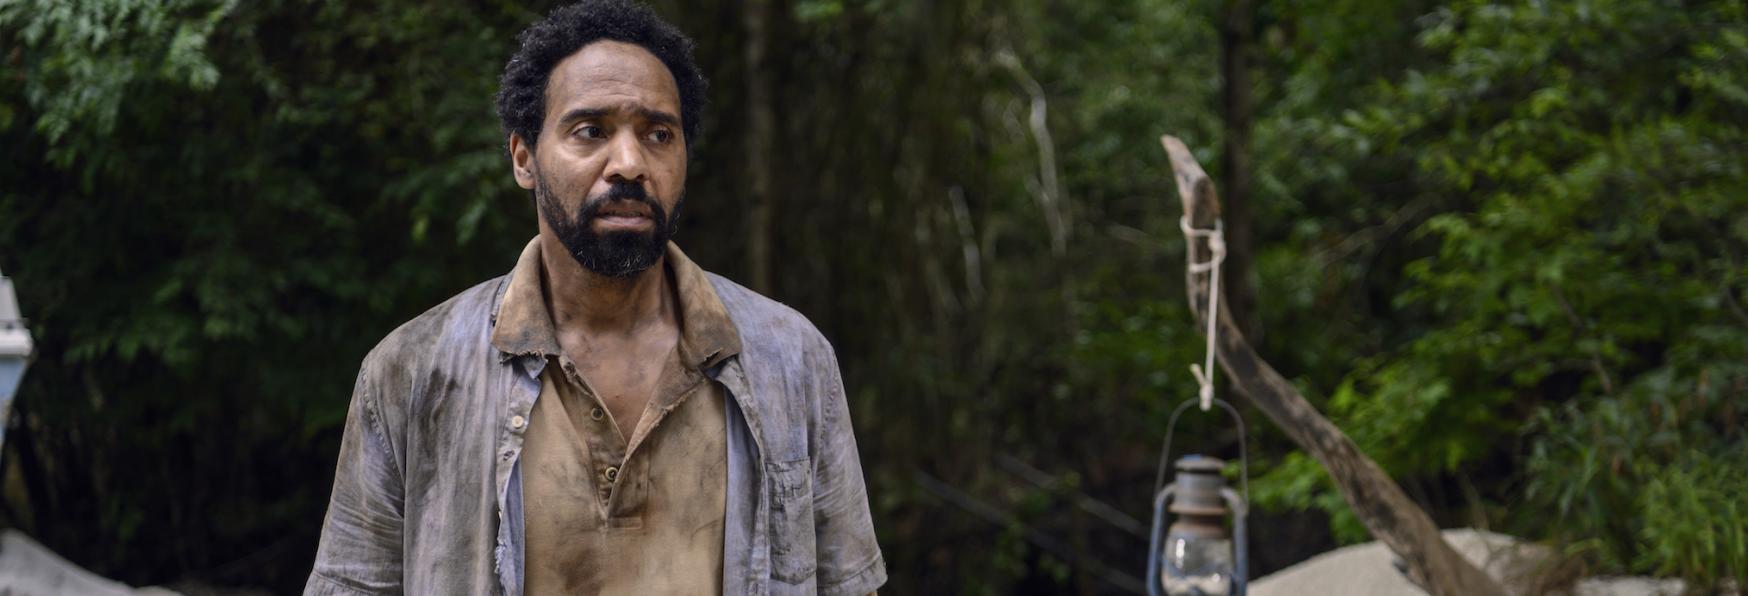 The Walking Dead 10: un Attore svela alcuni Dettagli sull'Uscita di Michonne